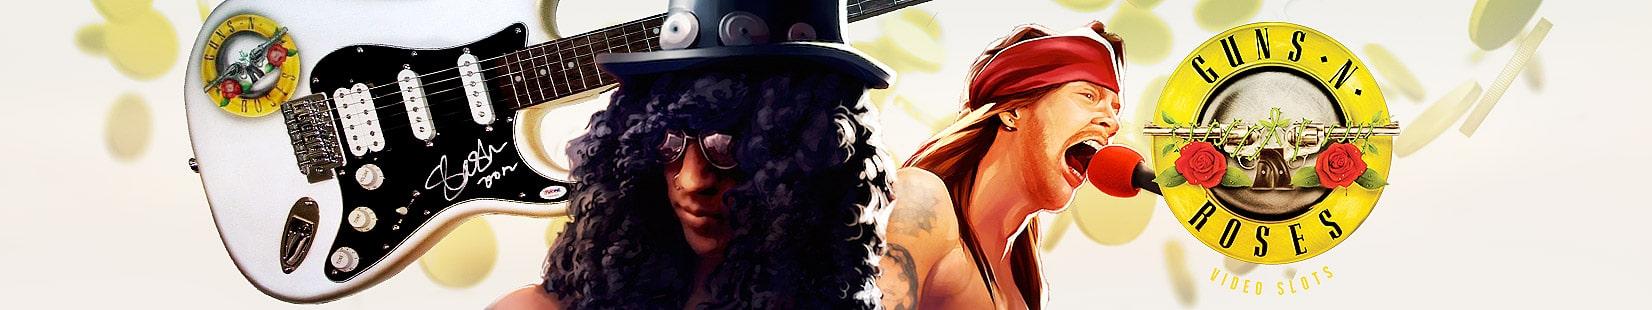 Vinn en signerad gitarr av Slash när Guns N' Roses-sloten lanseras